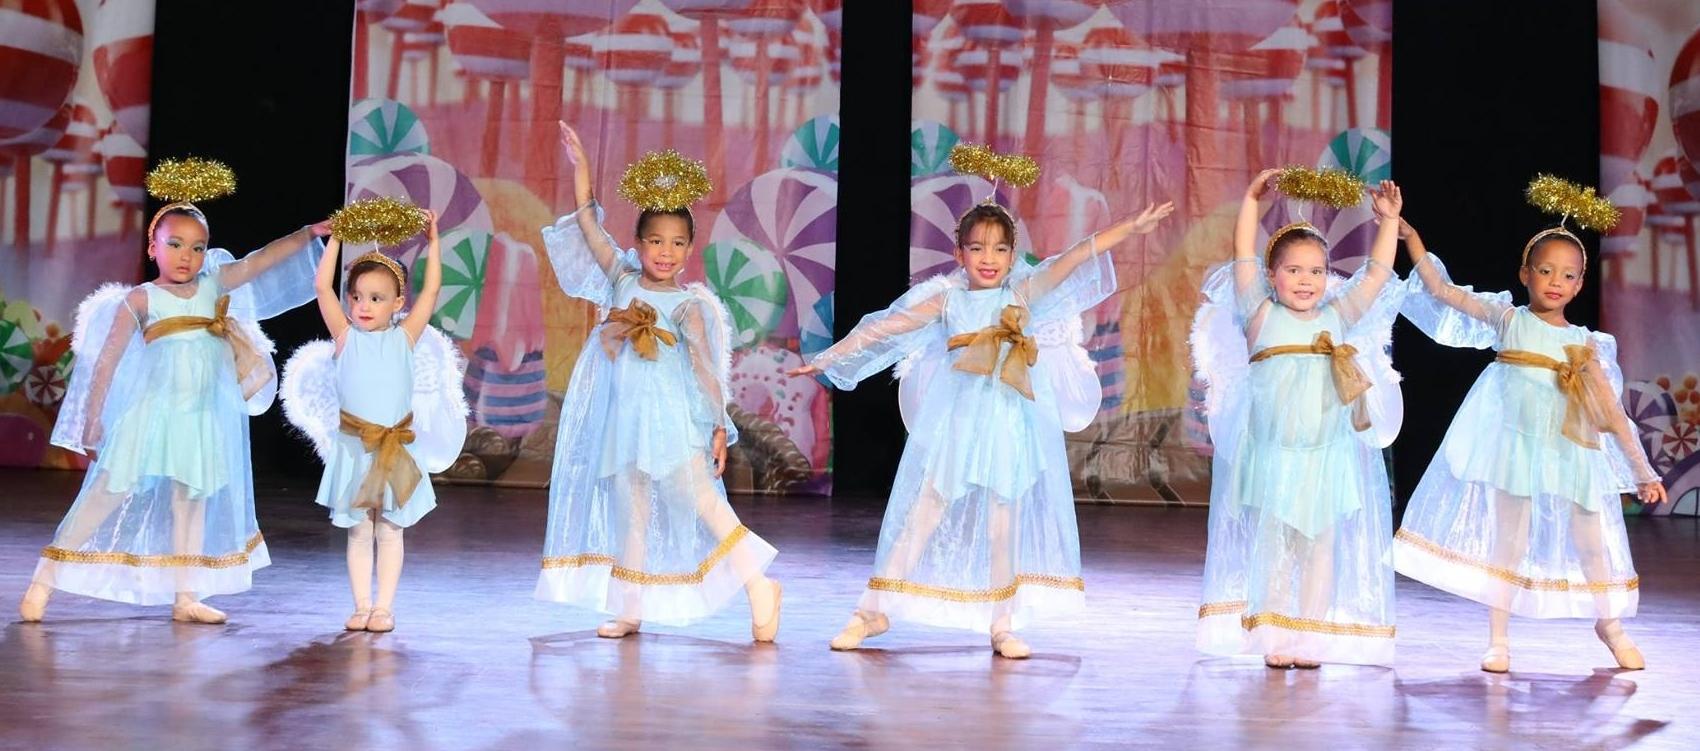 ballet 13.jpg